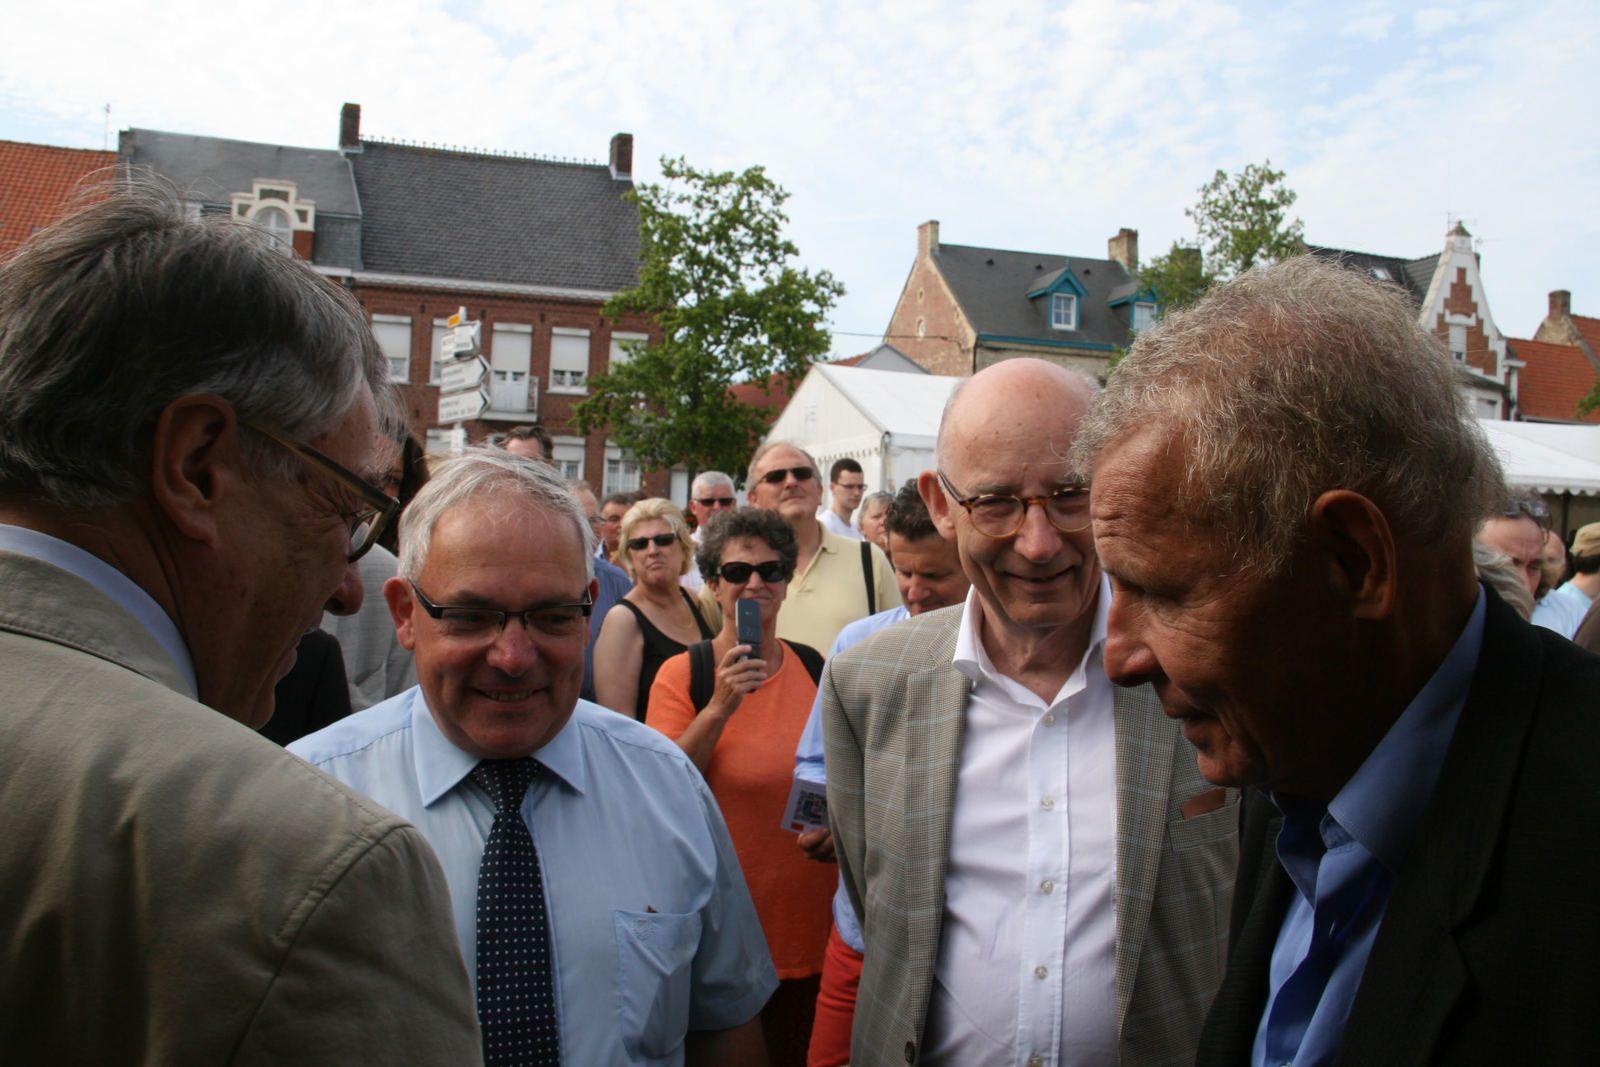 Wormhout : inauguration de la boucherie-charcuterie artisanale Rohart, Esquelbecq : inauguration de la 9ème Nuit du Livre avec PPDA, Volckerinckhove : participation à la randonnée de 9.5 km, Quaëdypre : ducasse.